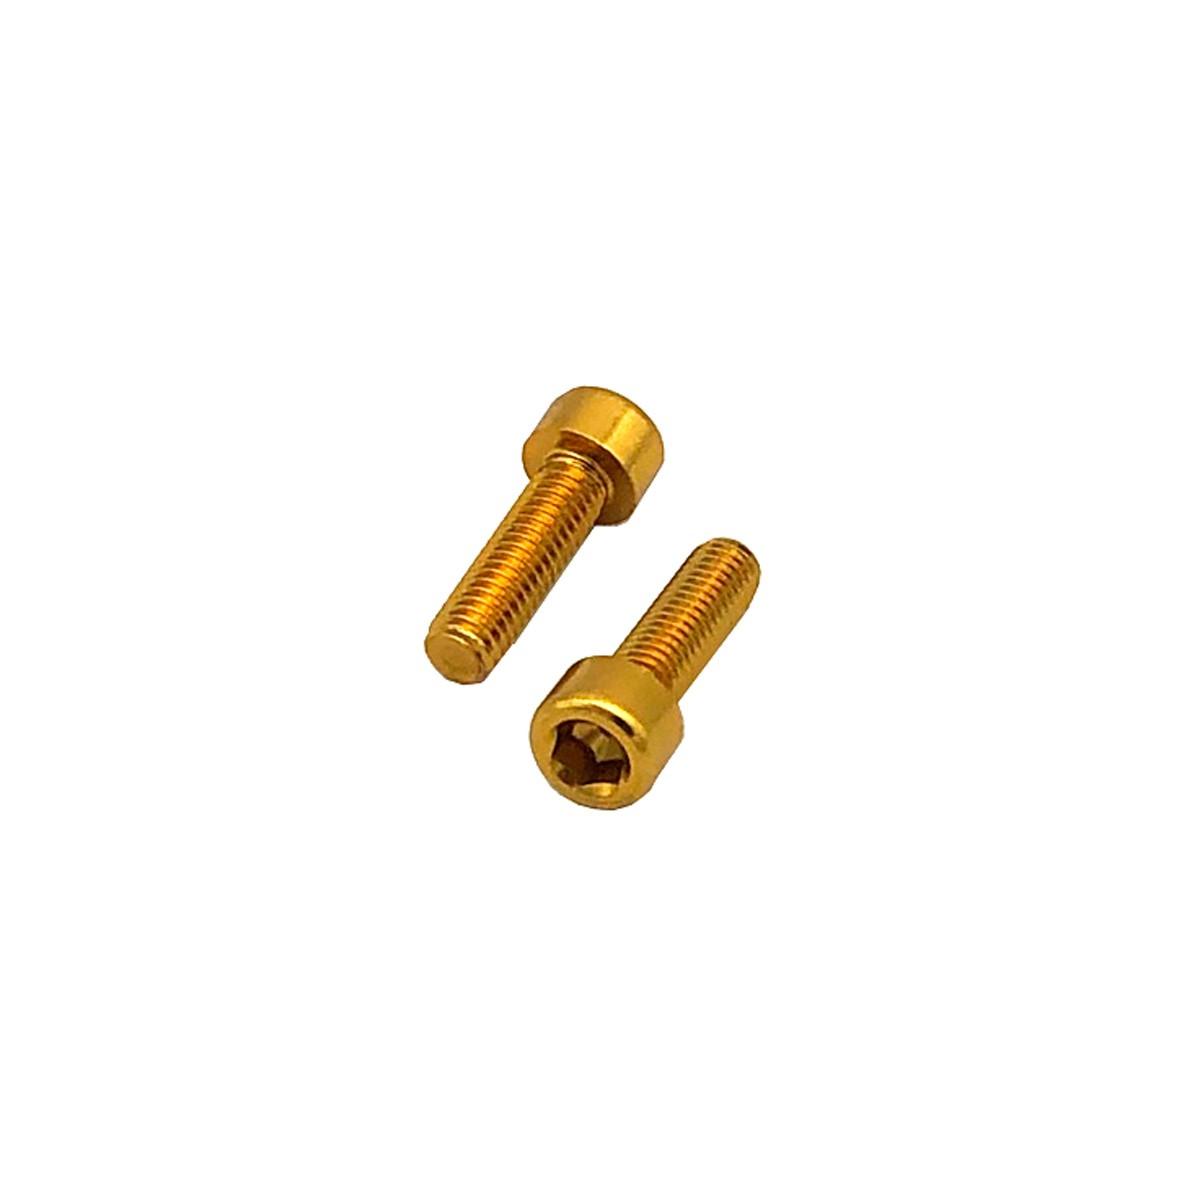 Parafuso Allen de Aluminio Socket Cap M5 x 16mm Unidade Dourado